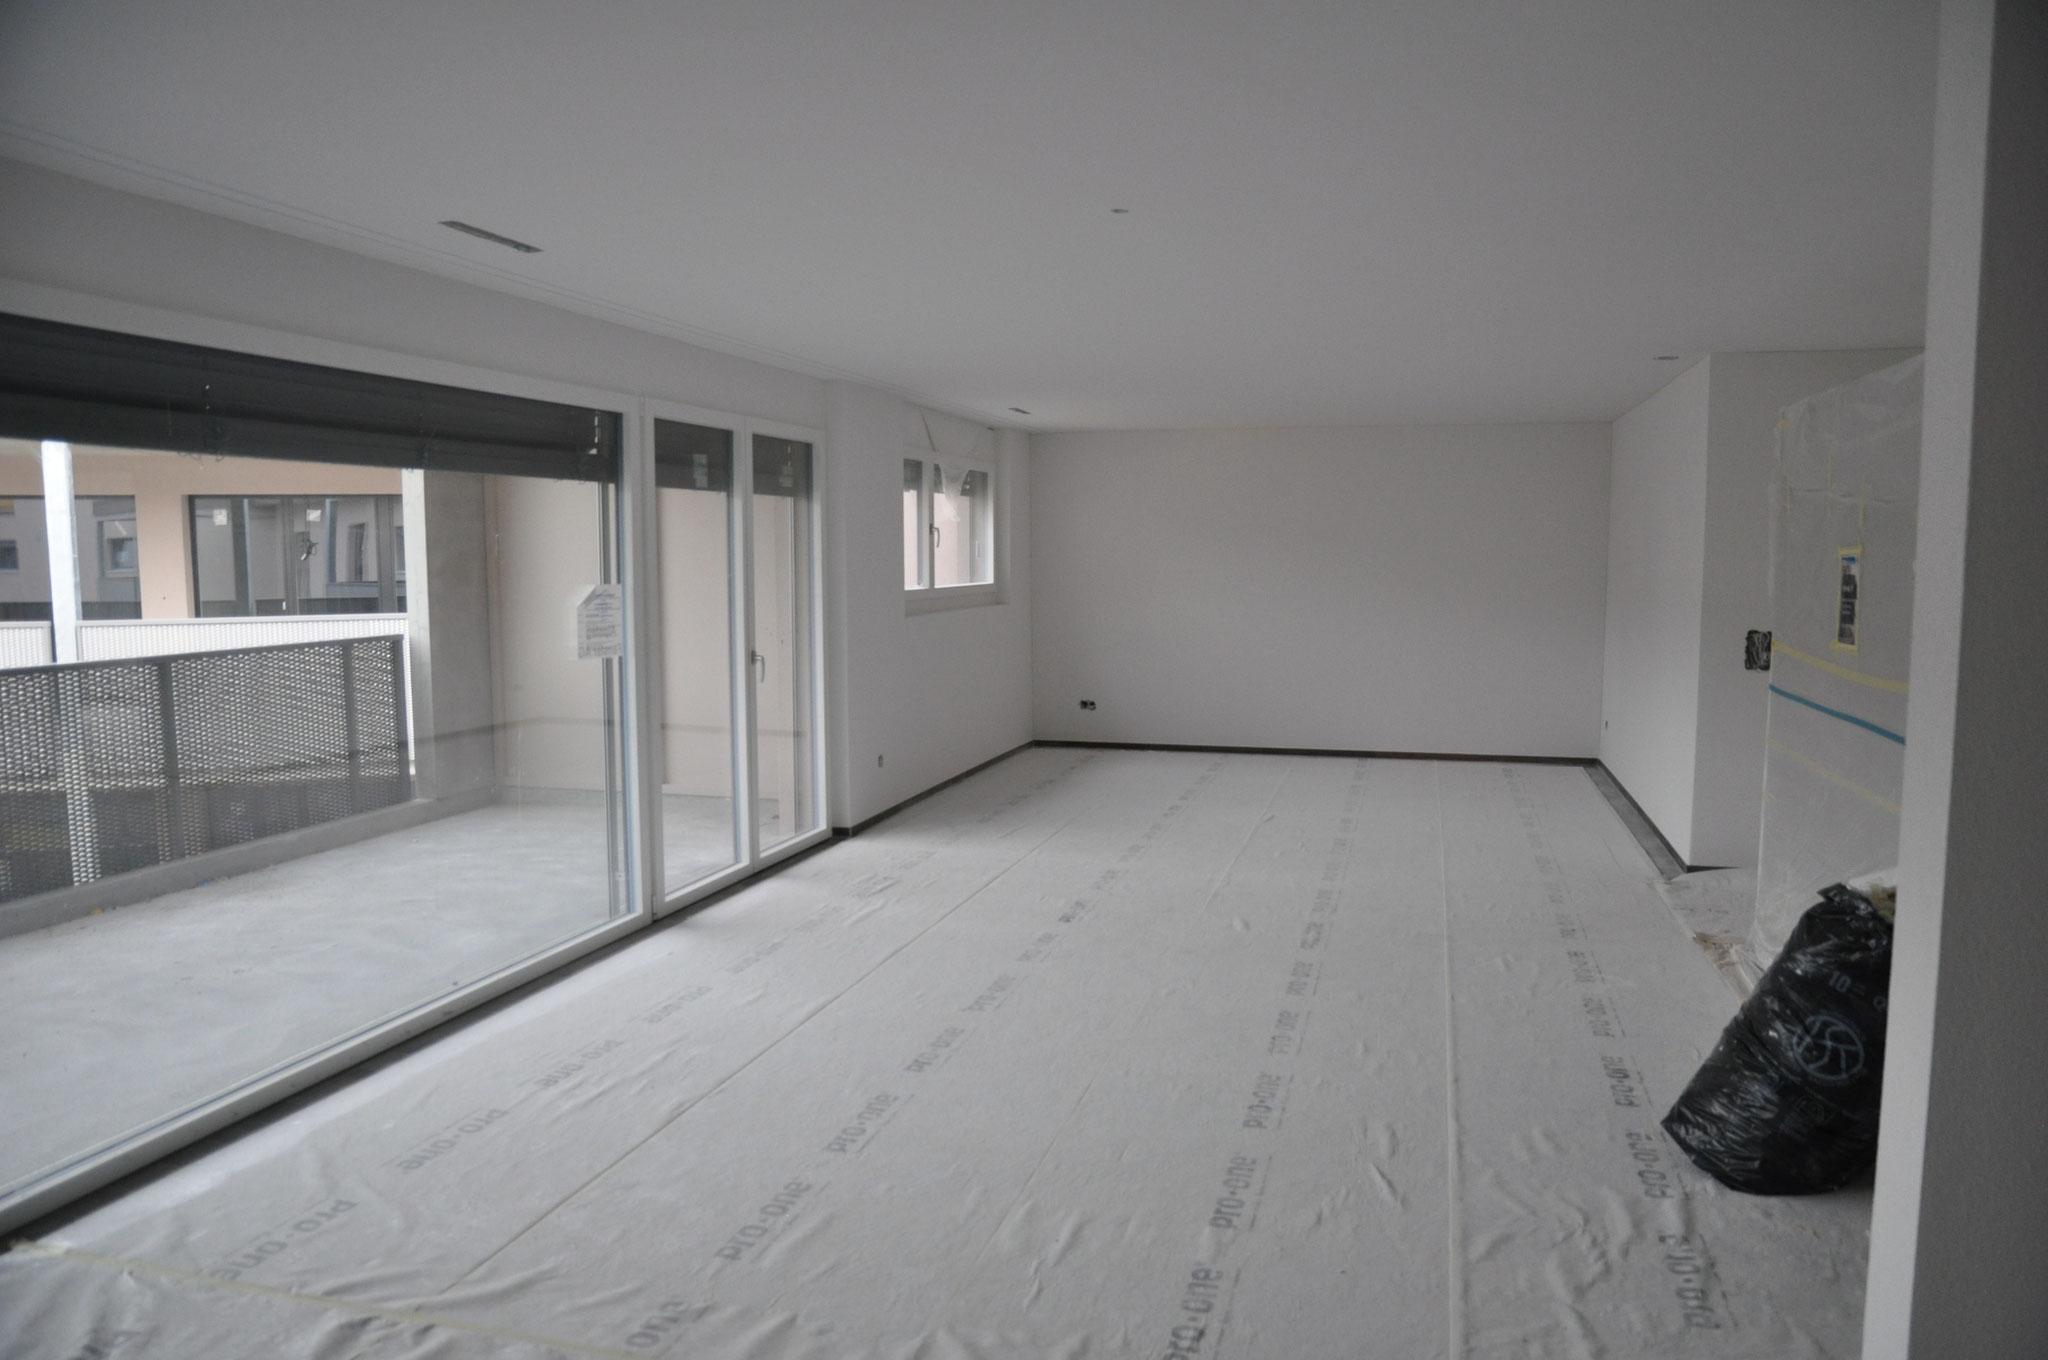 Innenausbau Wohnen/Essen 4,5 Zimmer Wohnung Einheit B (Mai 2016)